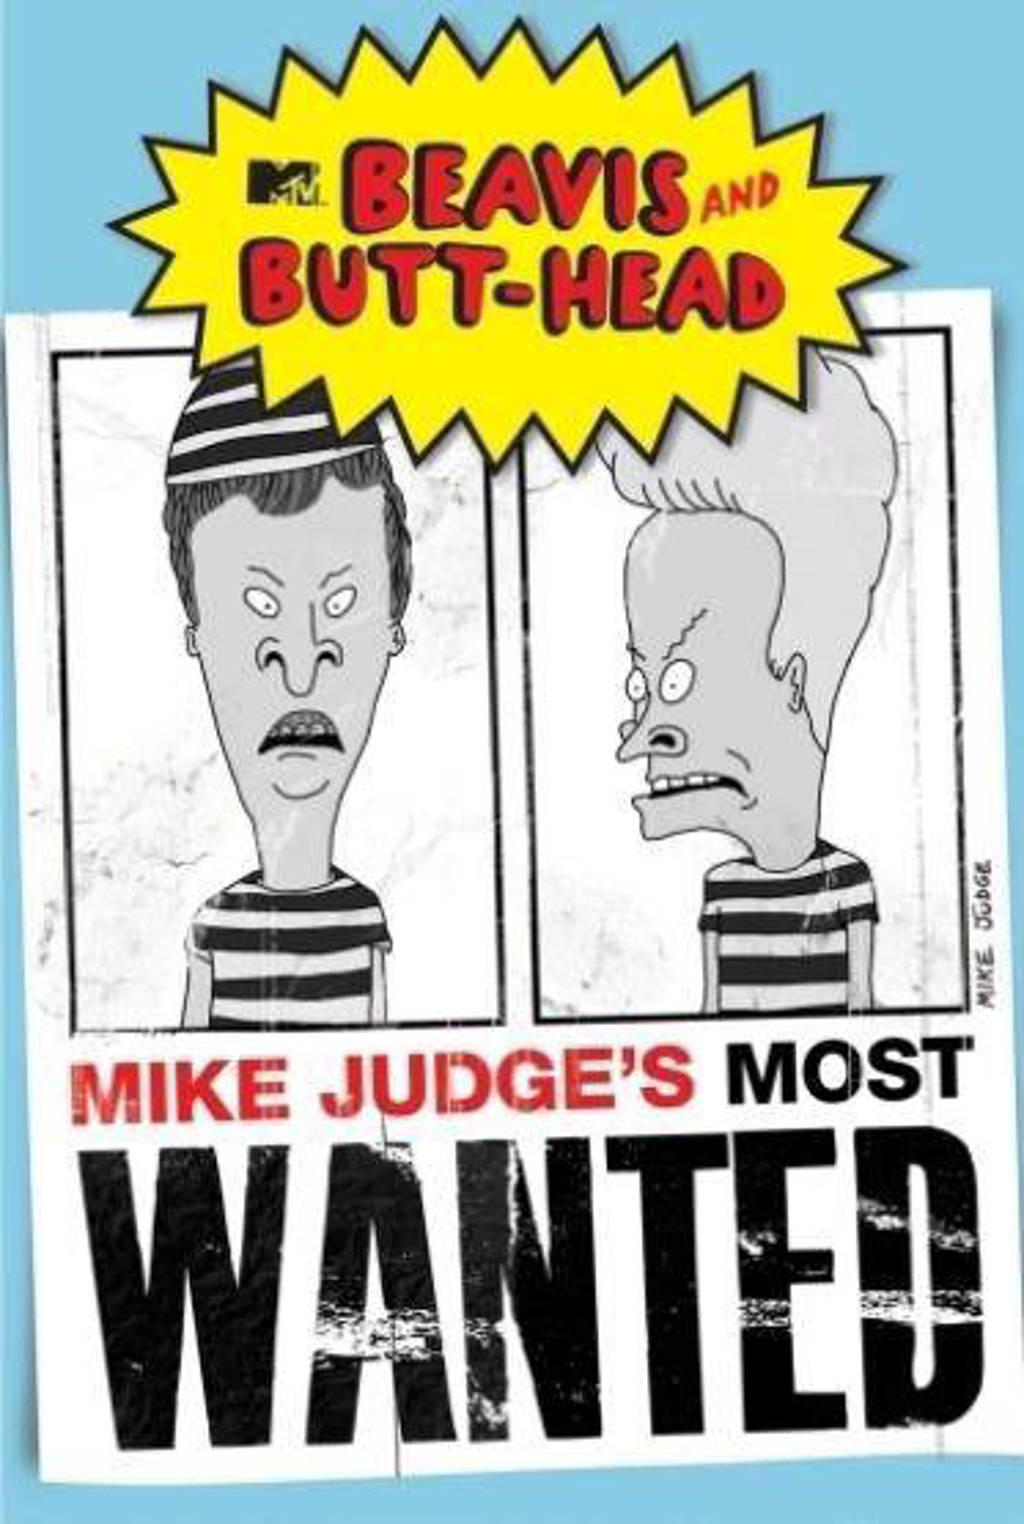 Beavis & Butt-head - Most wanted (DVD)